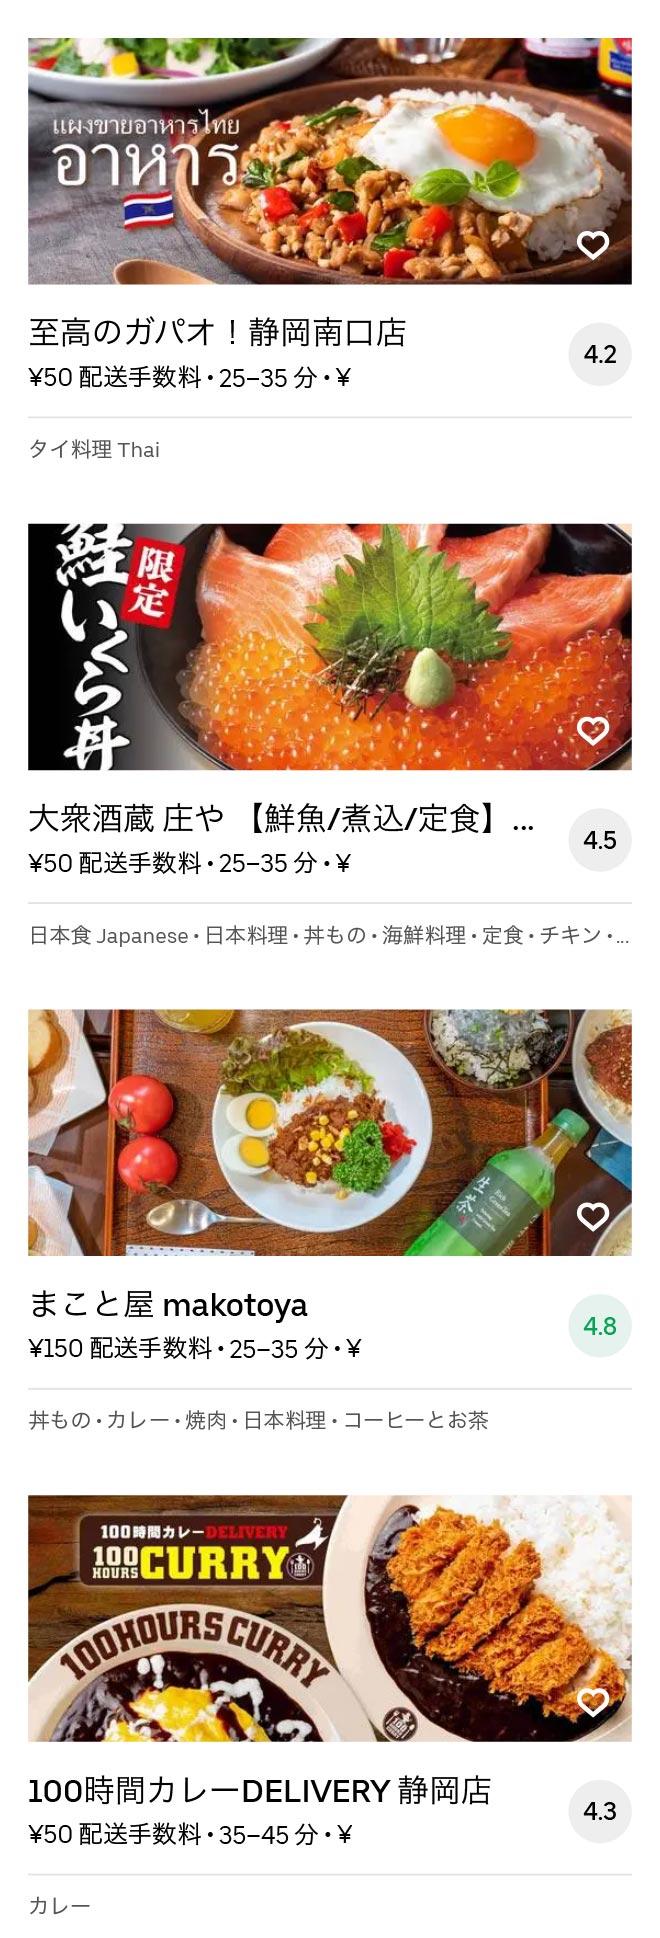 Shizuoka menu 2010 13